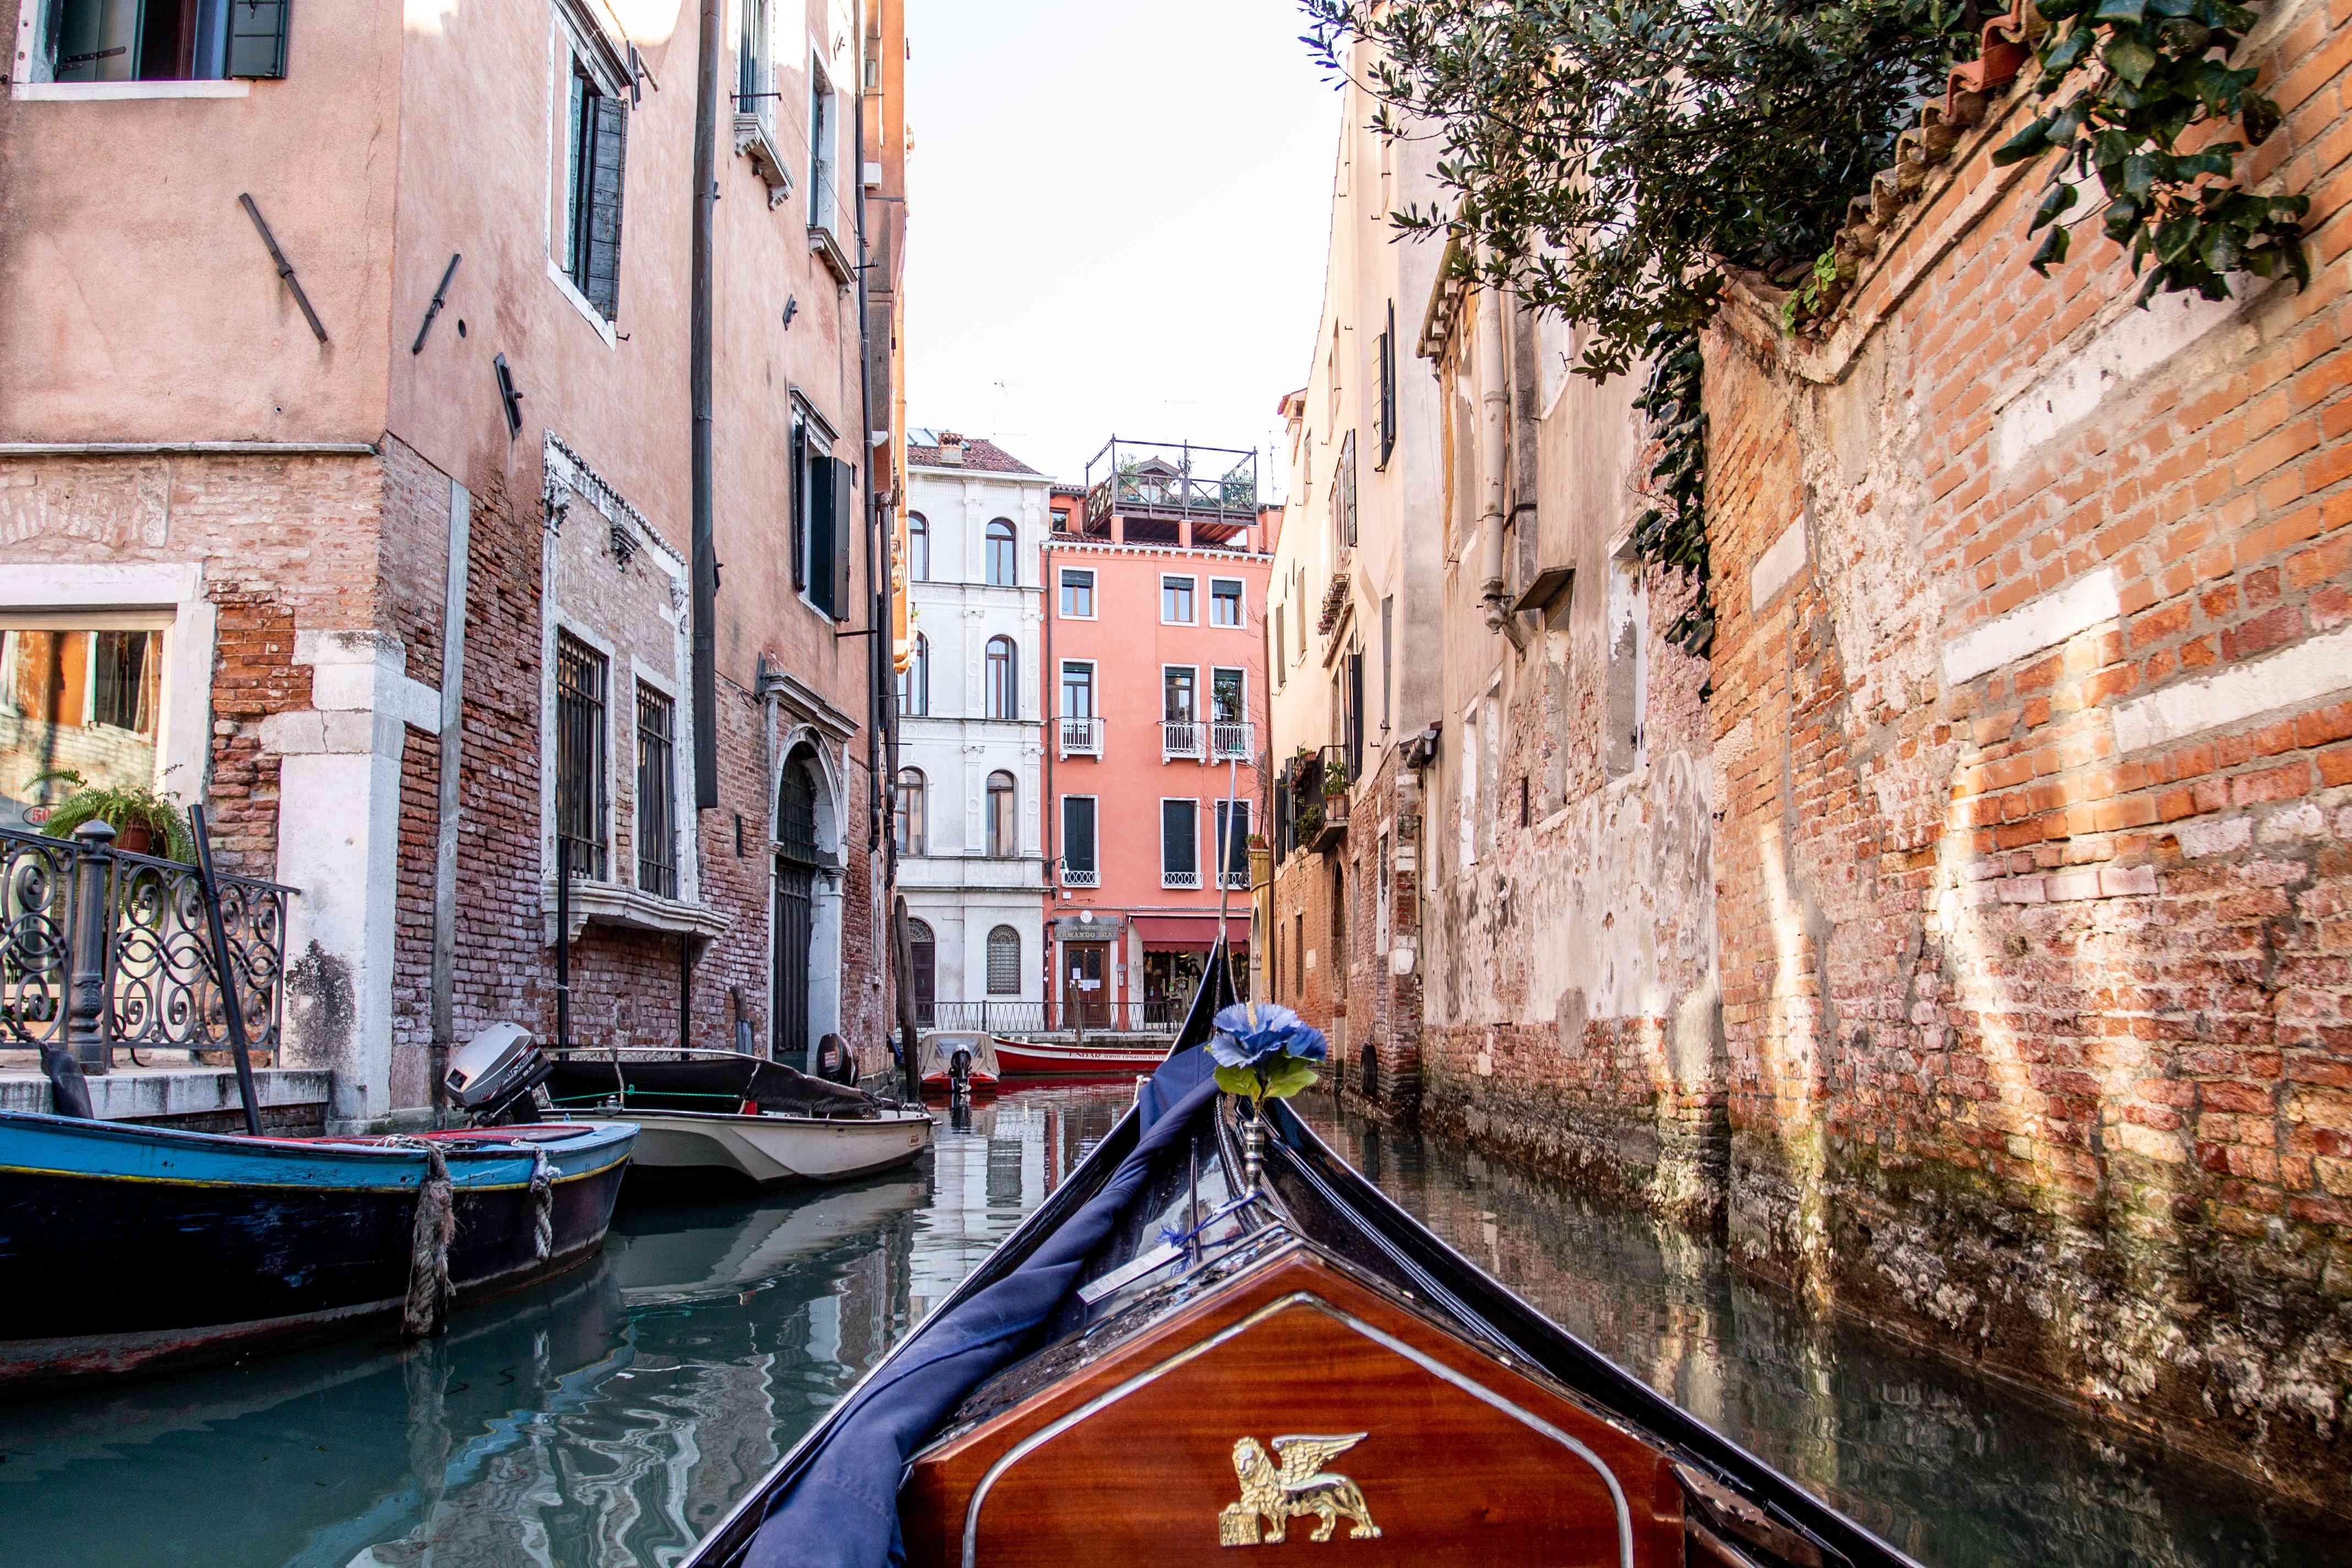 A POV shot of a gondola ride through Venice